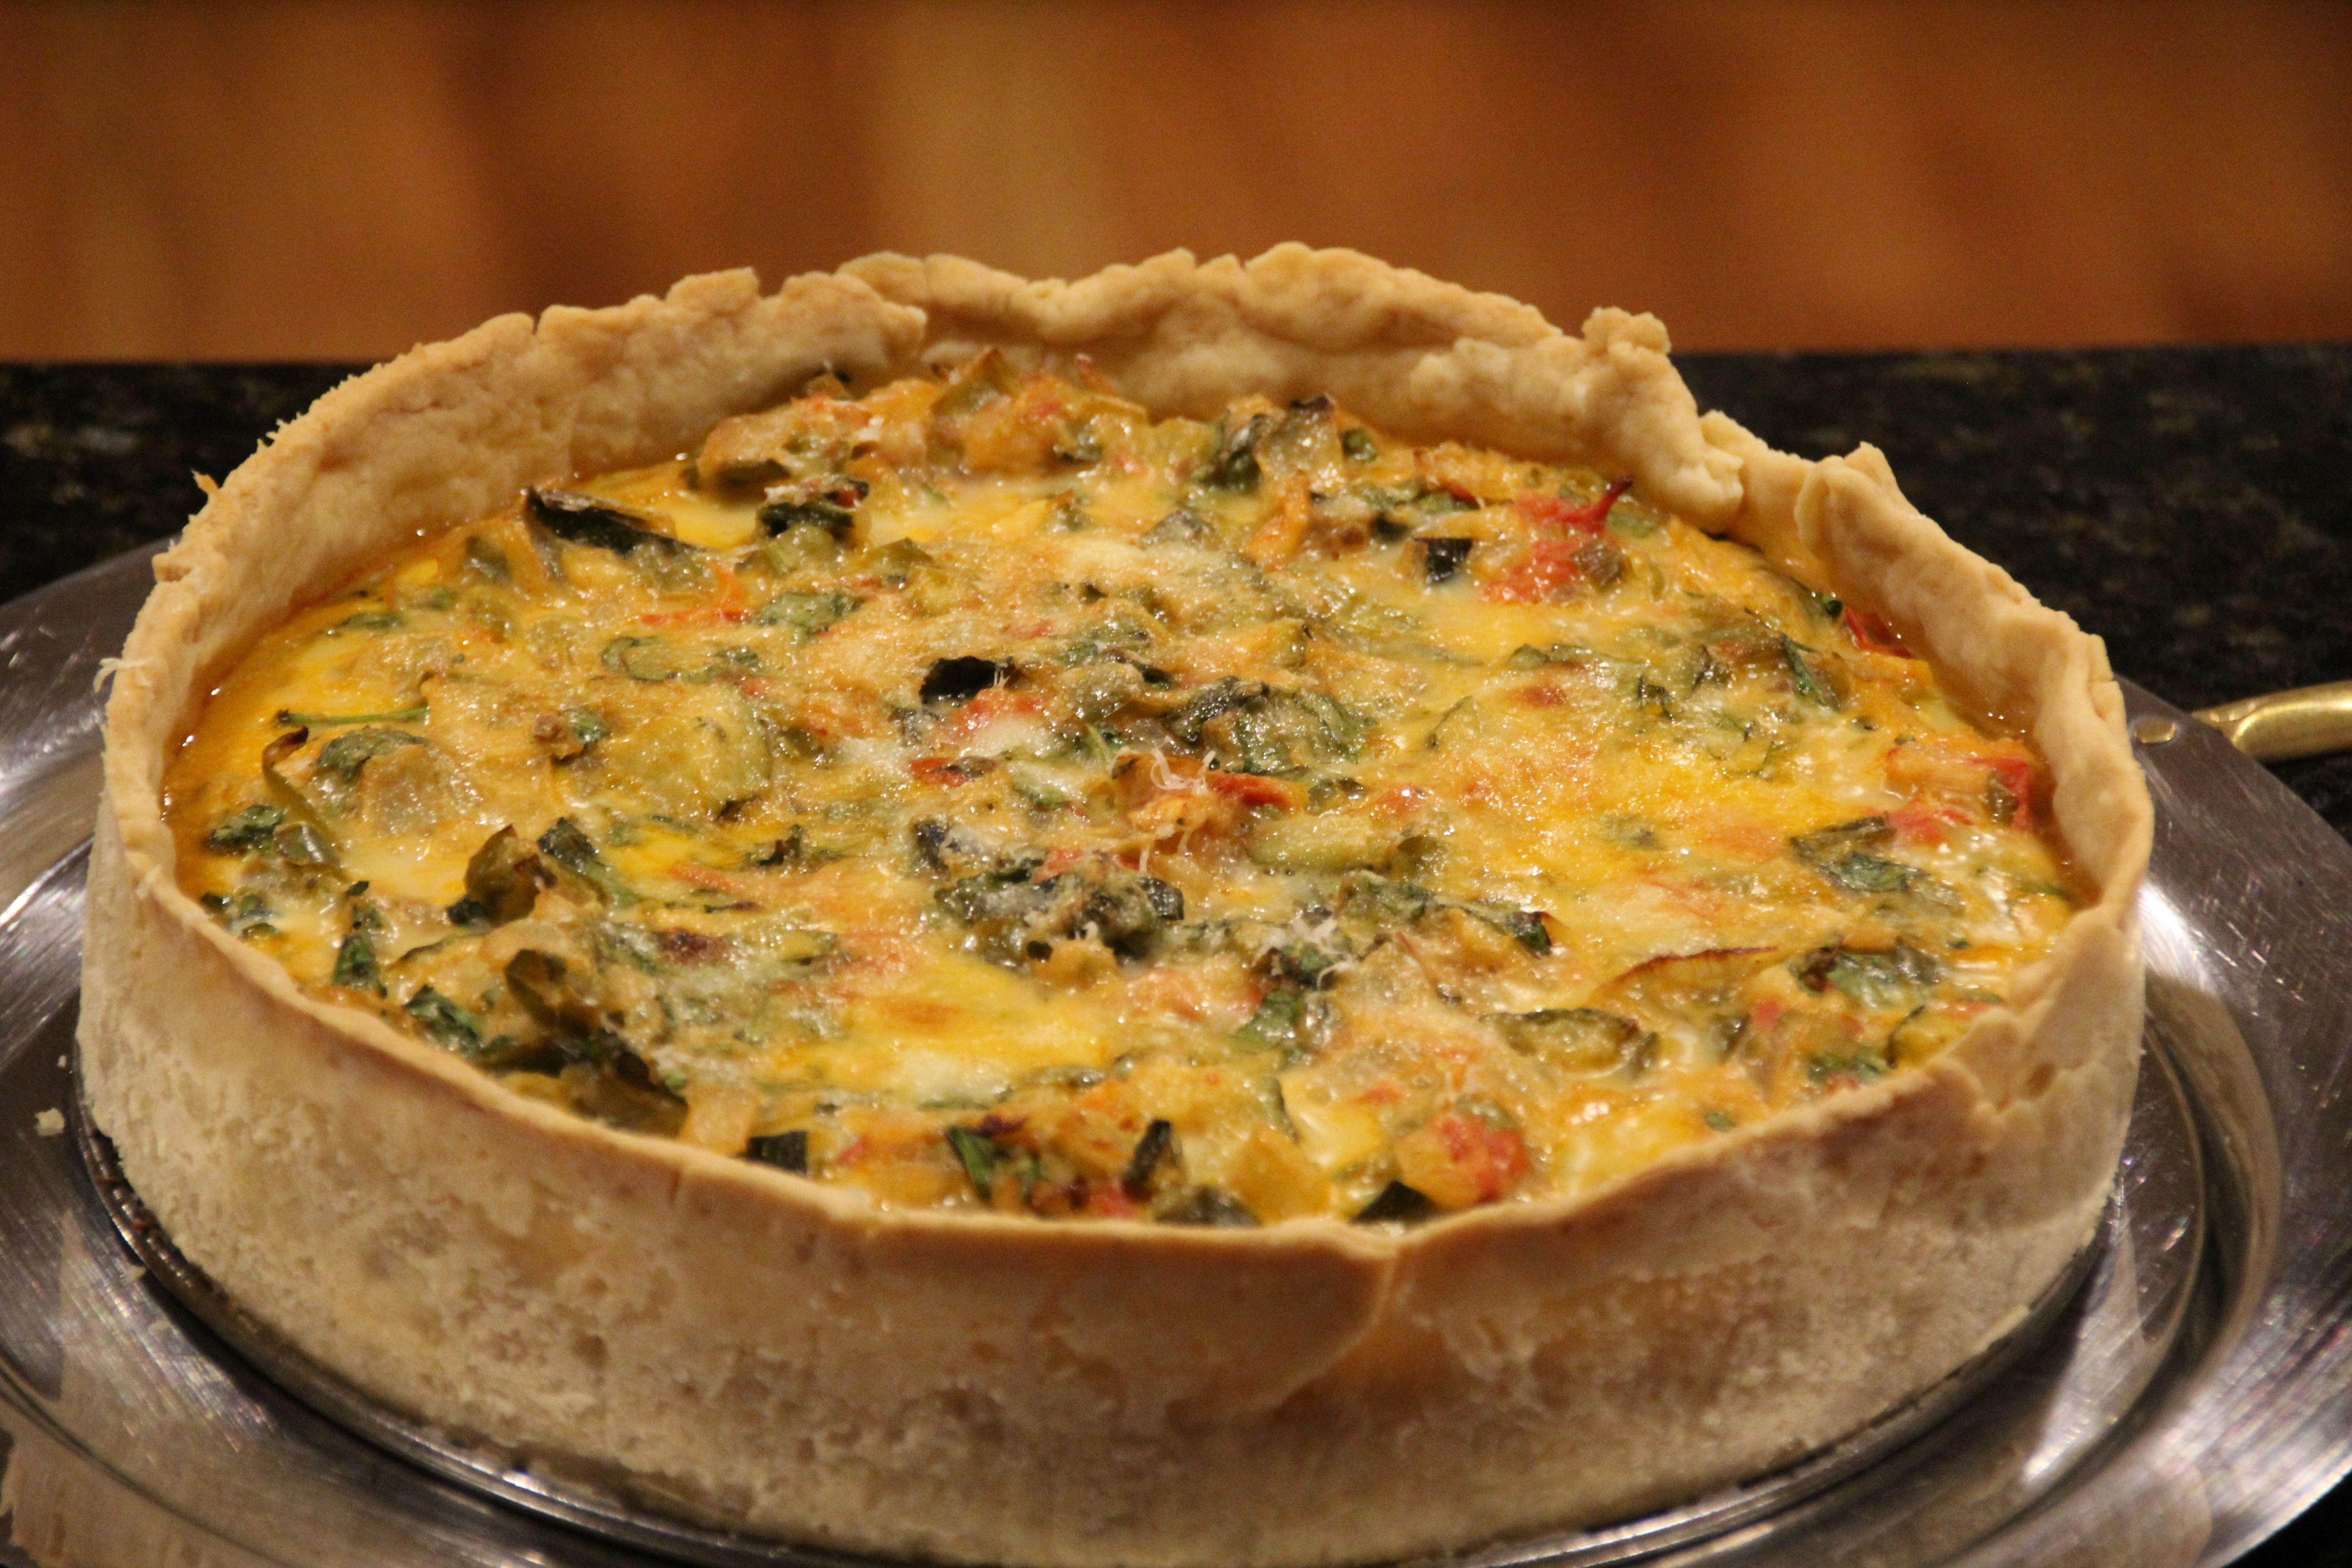 Vegetarian Quiche Recipe  Rustic ve arian quiche recipe All recipes UK